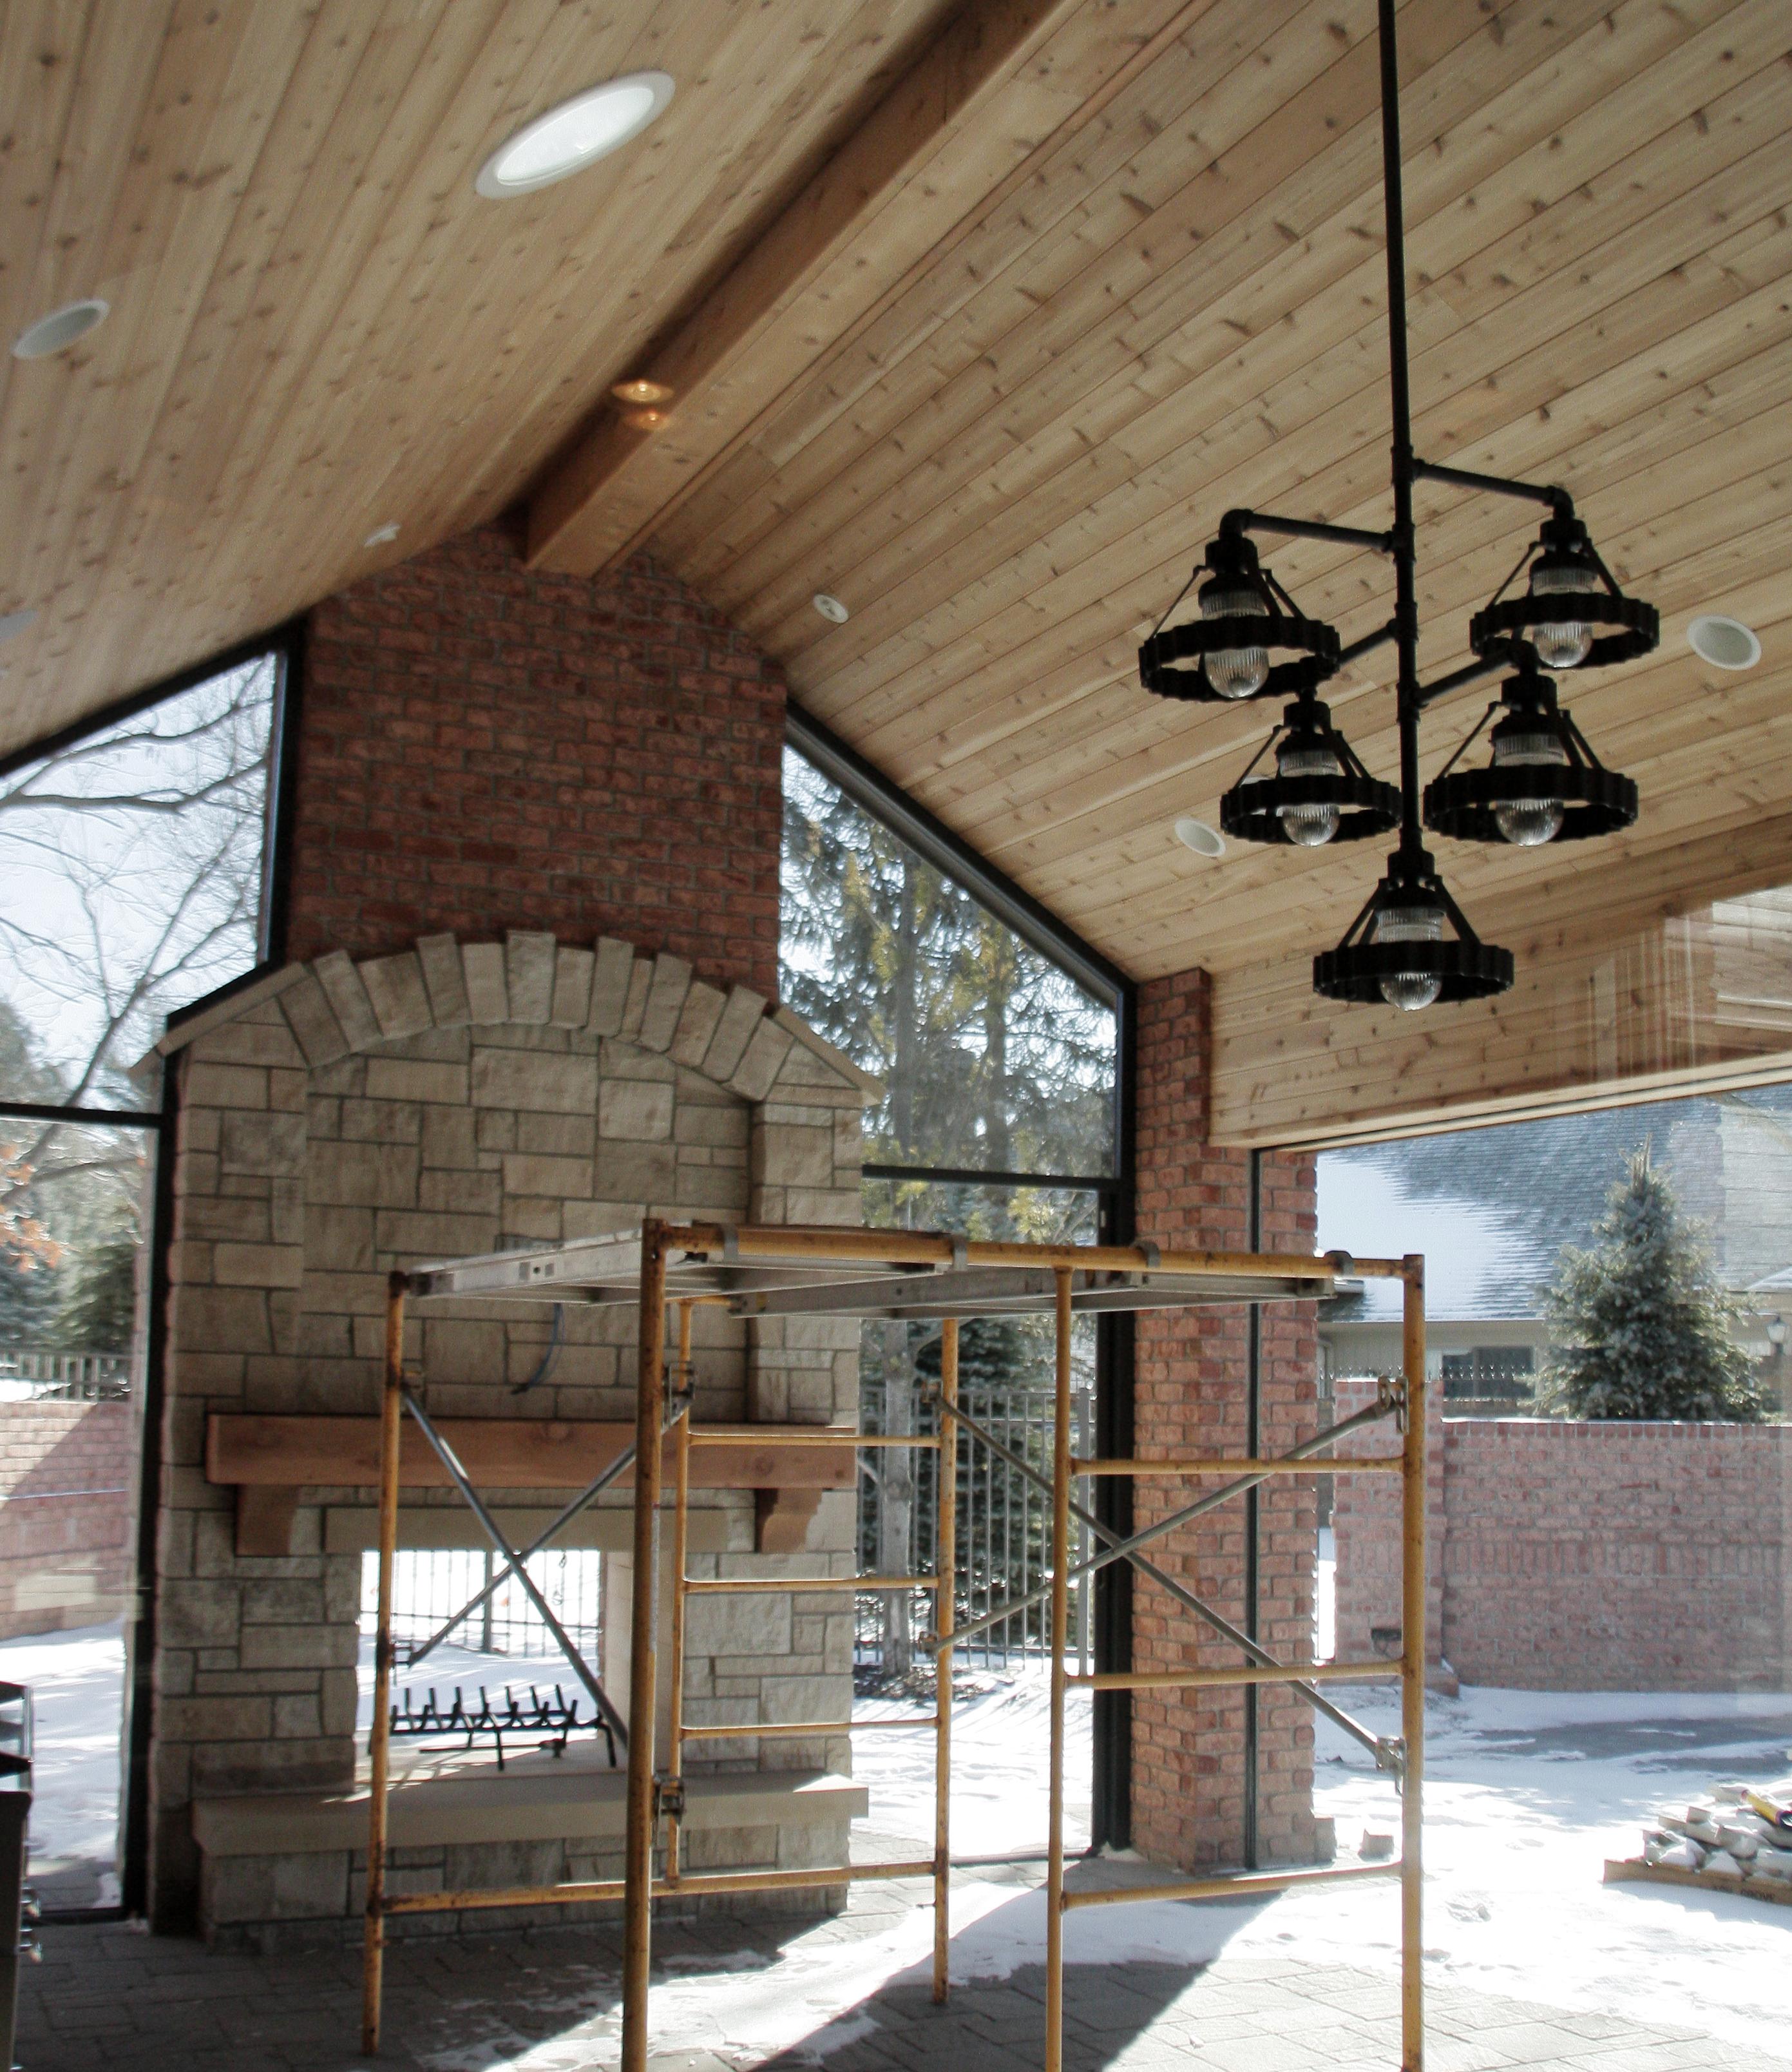 Home Builder Sentiment shoots upward